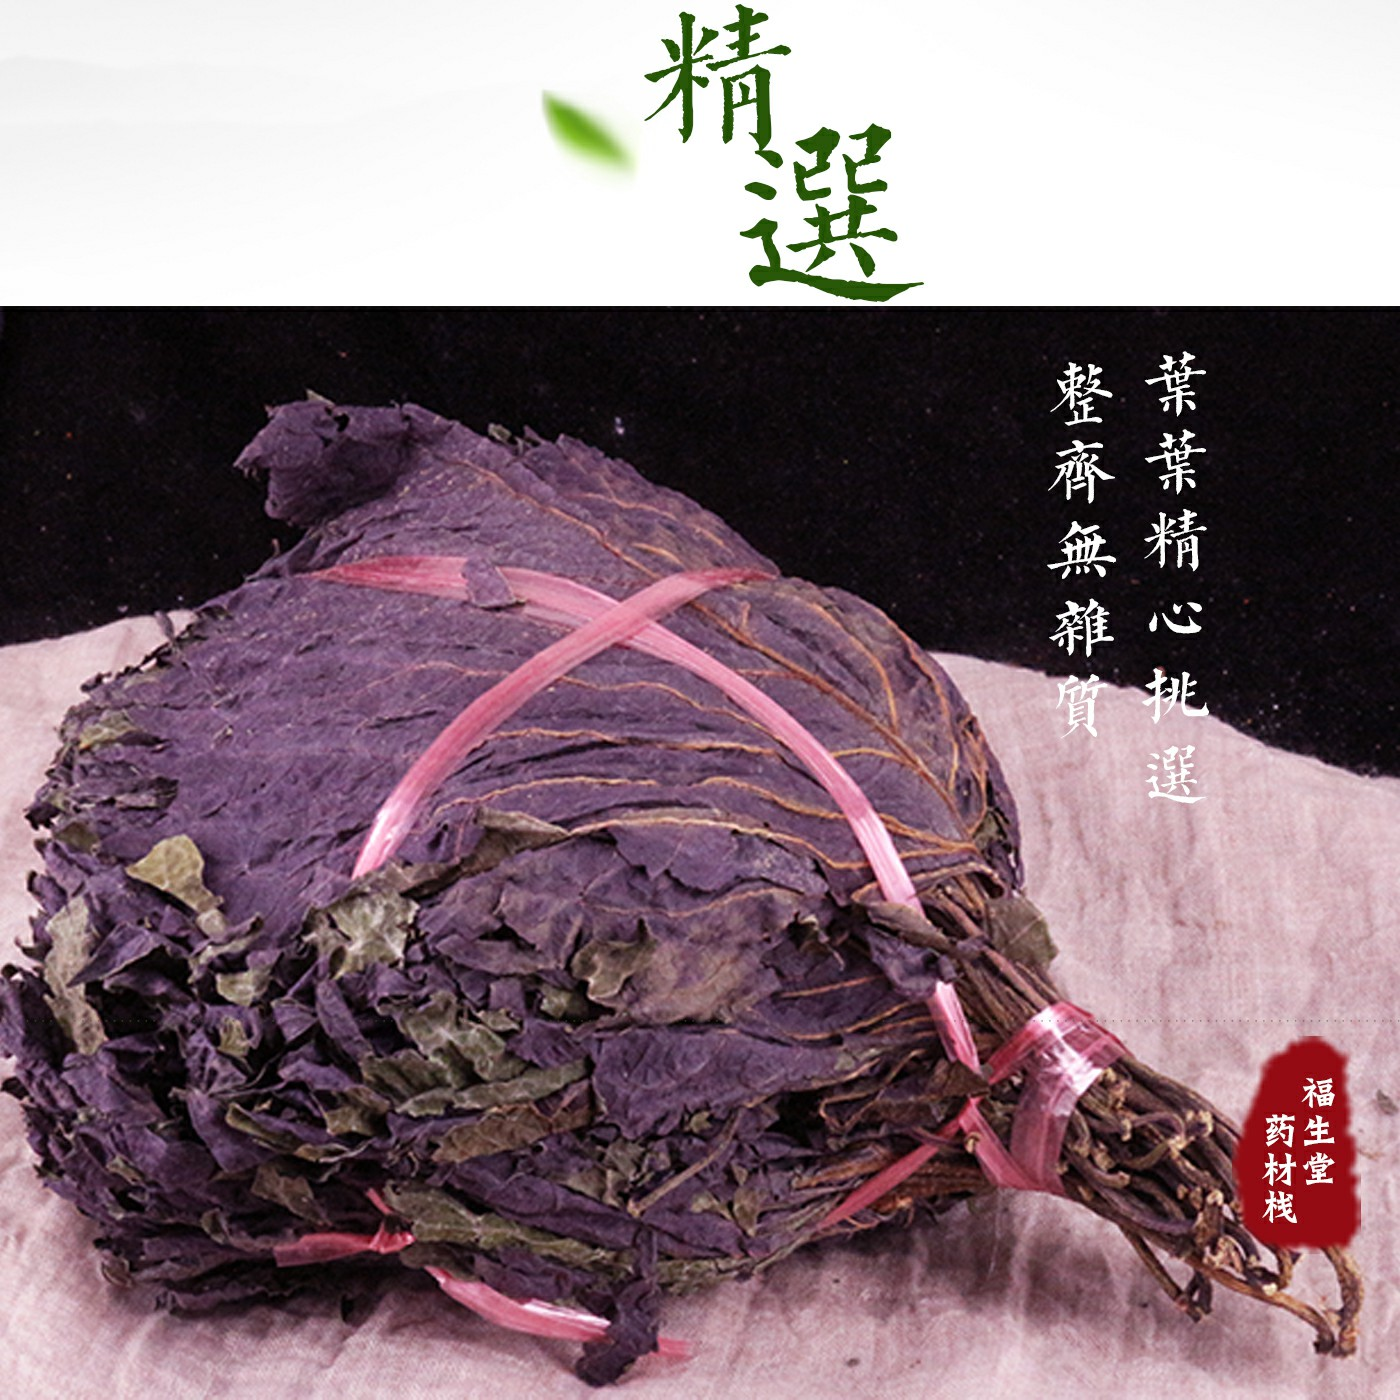 新鲜正宗野生紫苏叶干天然苏子叶干泡茶烧鱼虾蟹去腥食用香料500g